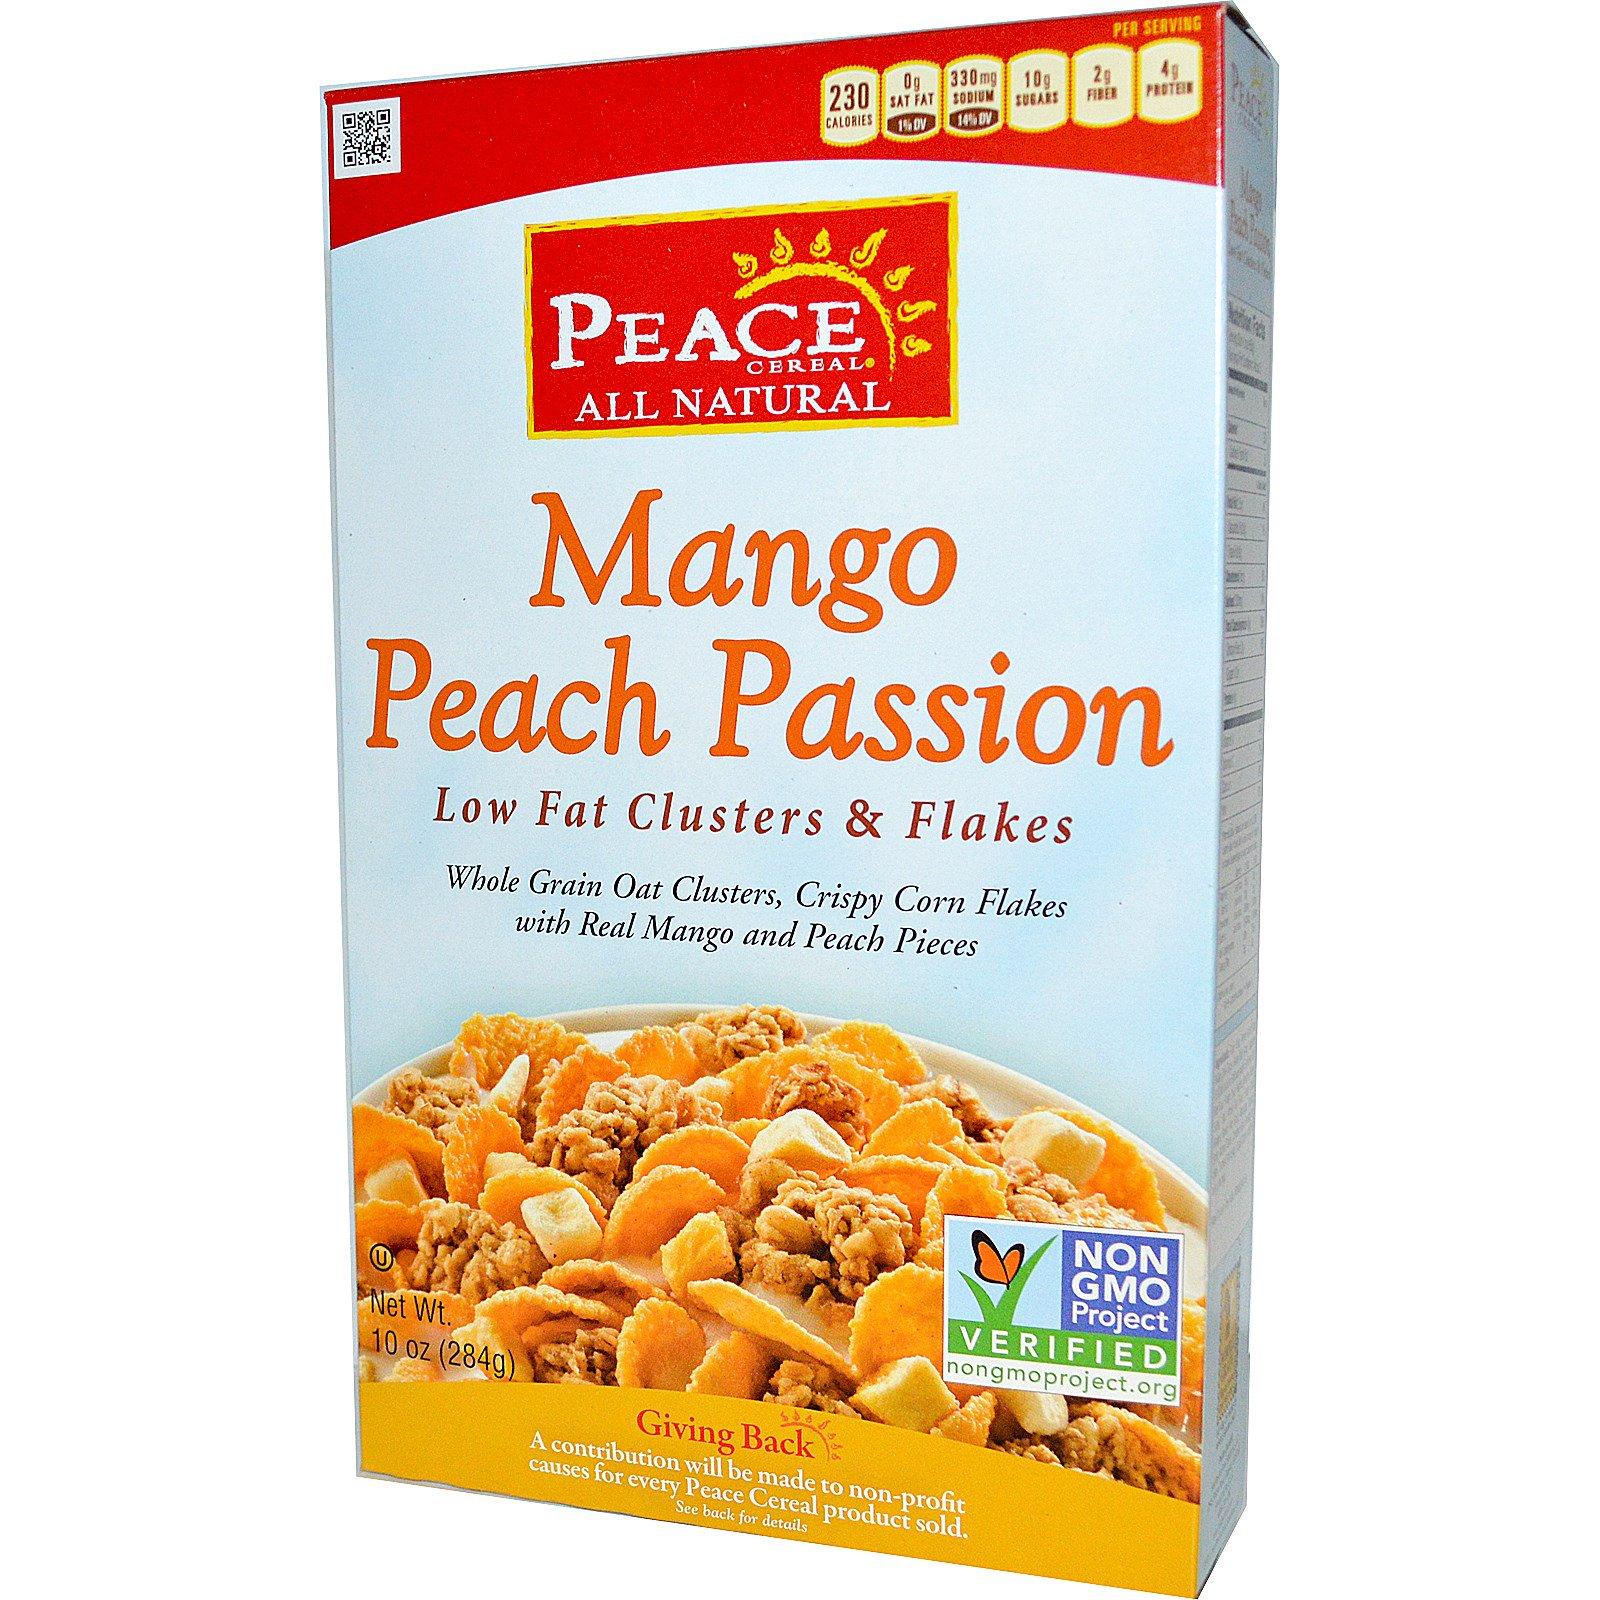 Peace Cereal, обезжиренные кусочки и хлопья, манго персик пассифлора, 10 унций (284 г)